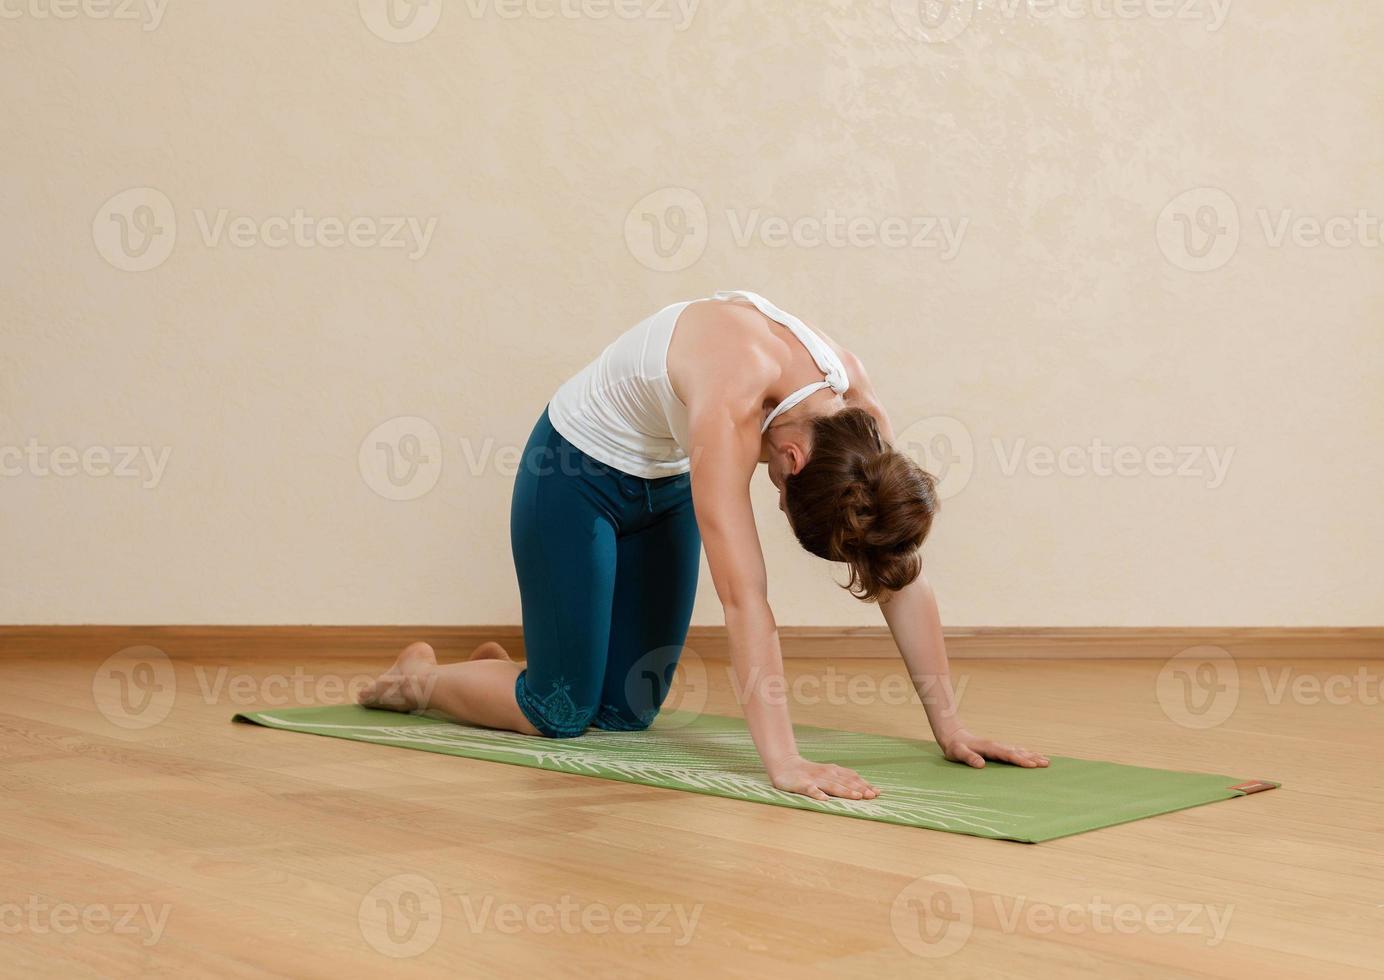 mulher caucasiana está praticando ioga no estúdio (goasana) foto